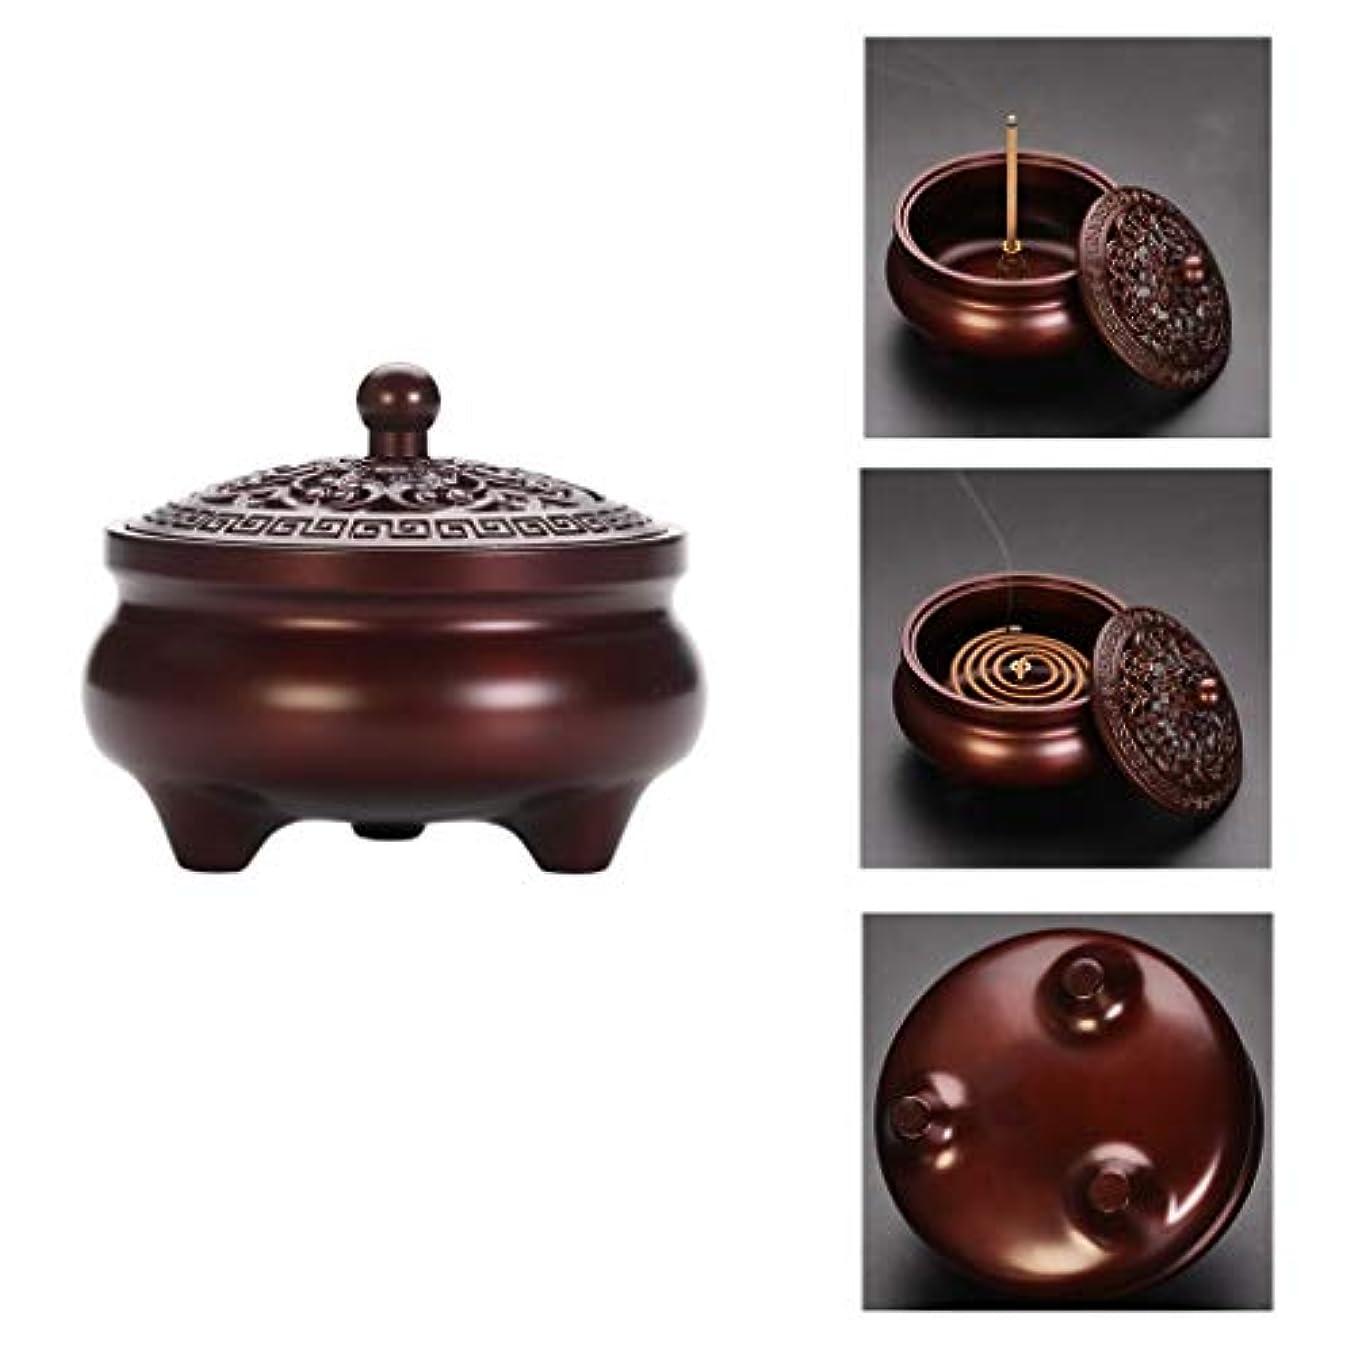 テスピアン付き添い人活性化ホームアロマバーナー 純銅製メカニズム香炉シンプルでエレガントな香炉内三脚アロマセラピー炉 アロマバーナー (Color : Purple Lotus)